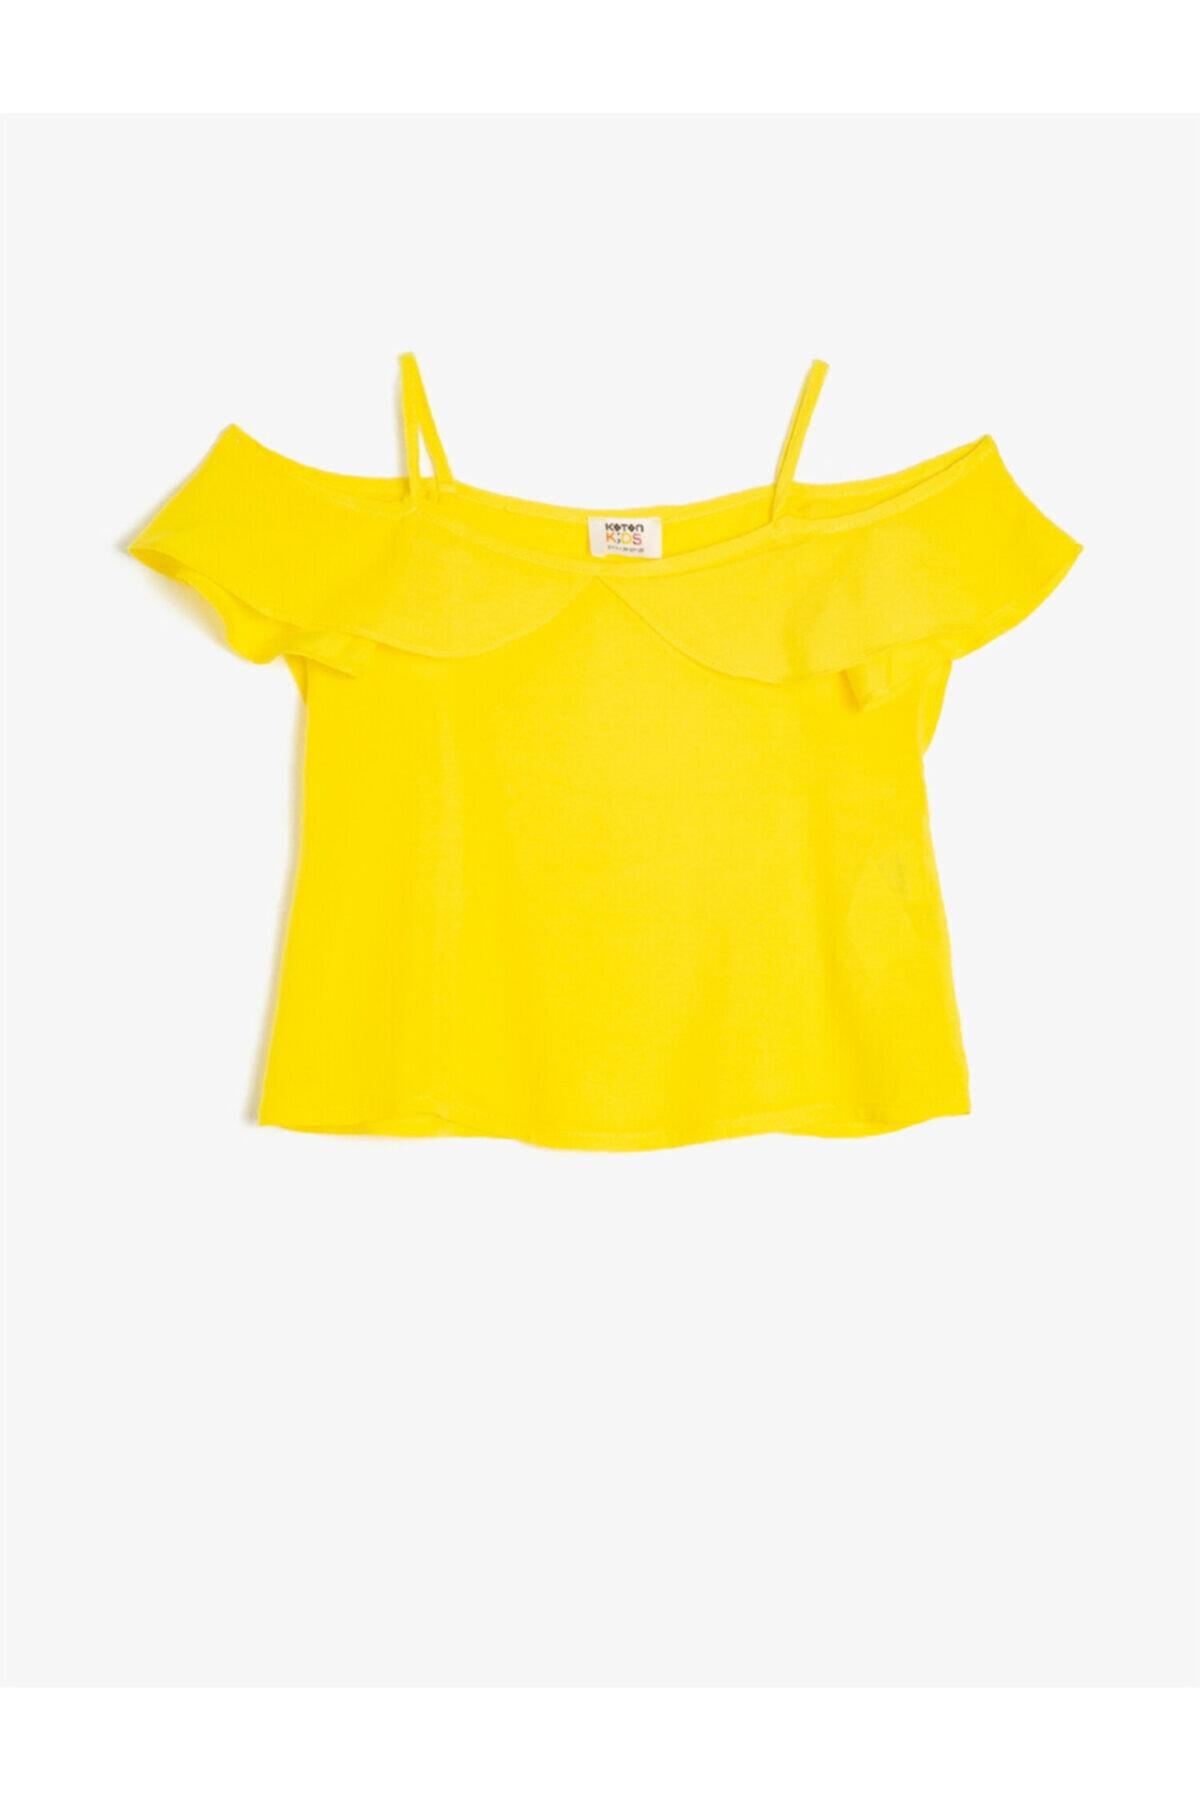 فروش انلاین بلوز دخترانه مجلسی برند کوتون رنگ زرد ty42585902